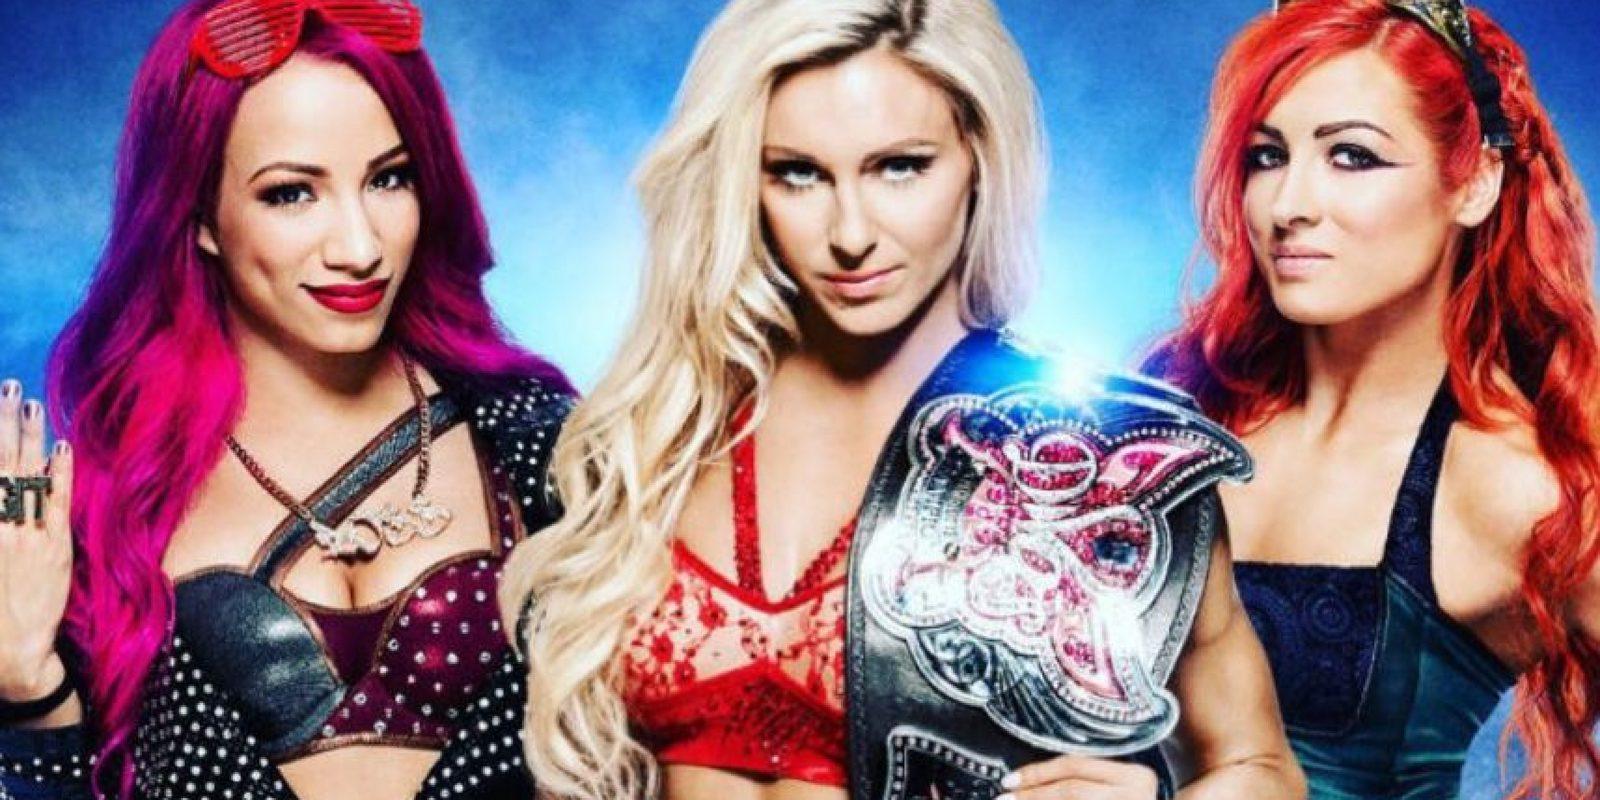 La pelea estelar de mujeres será una amenaza triple Foto:WWE